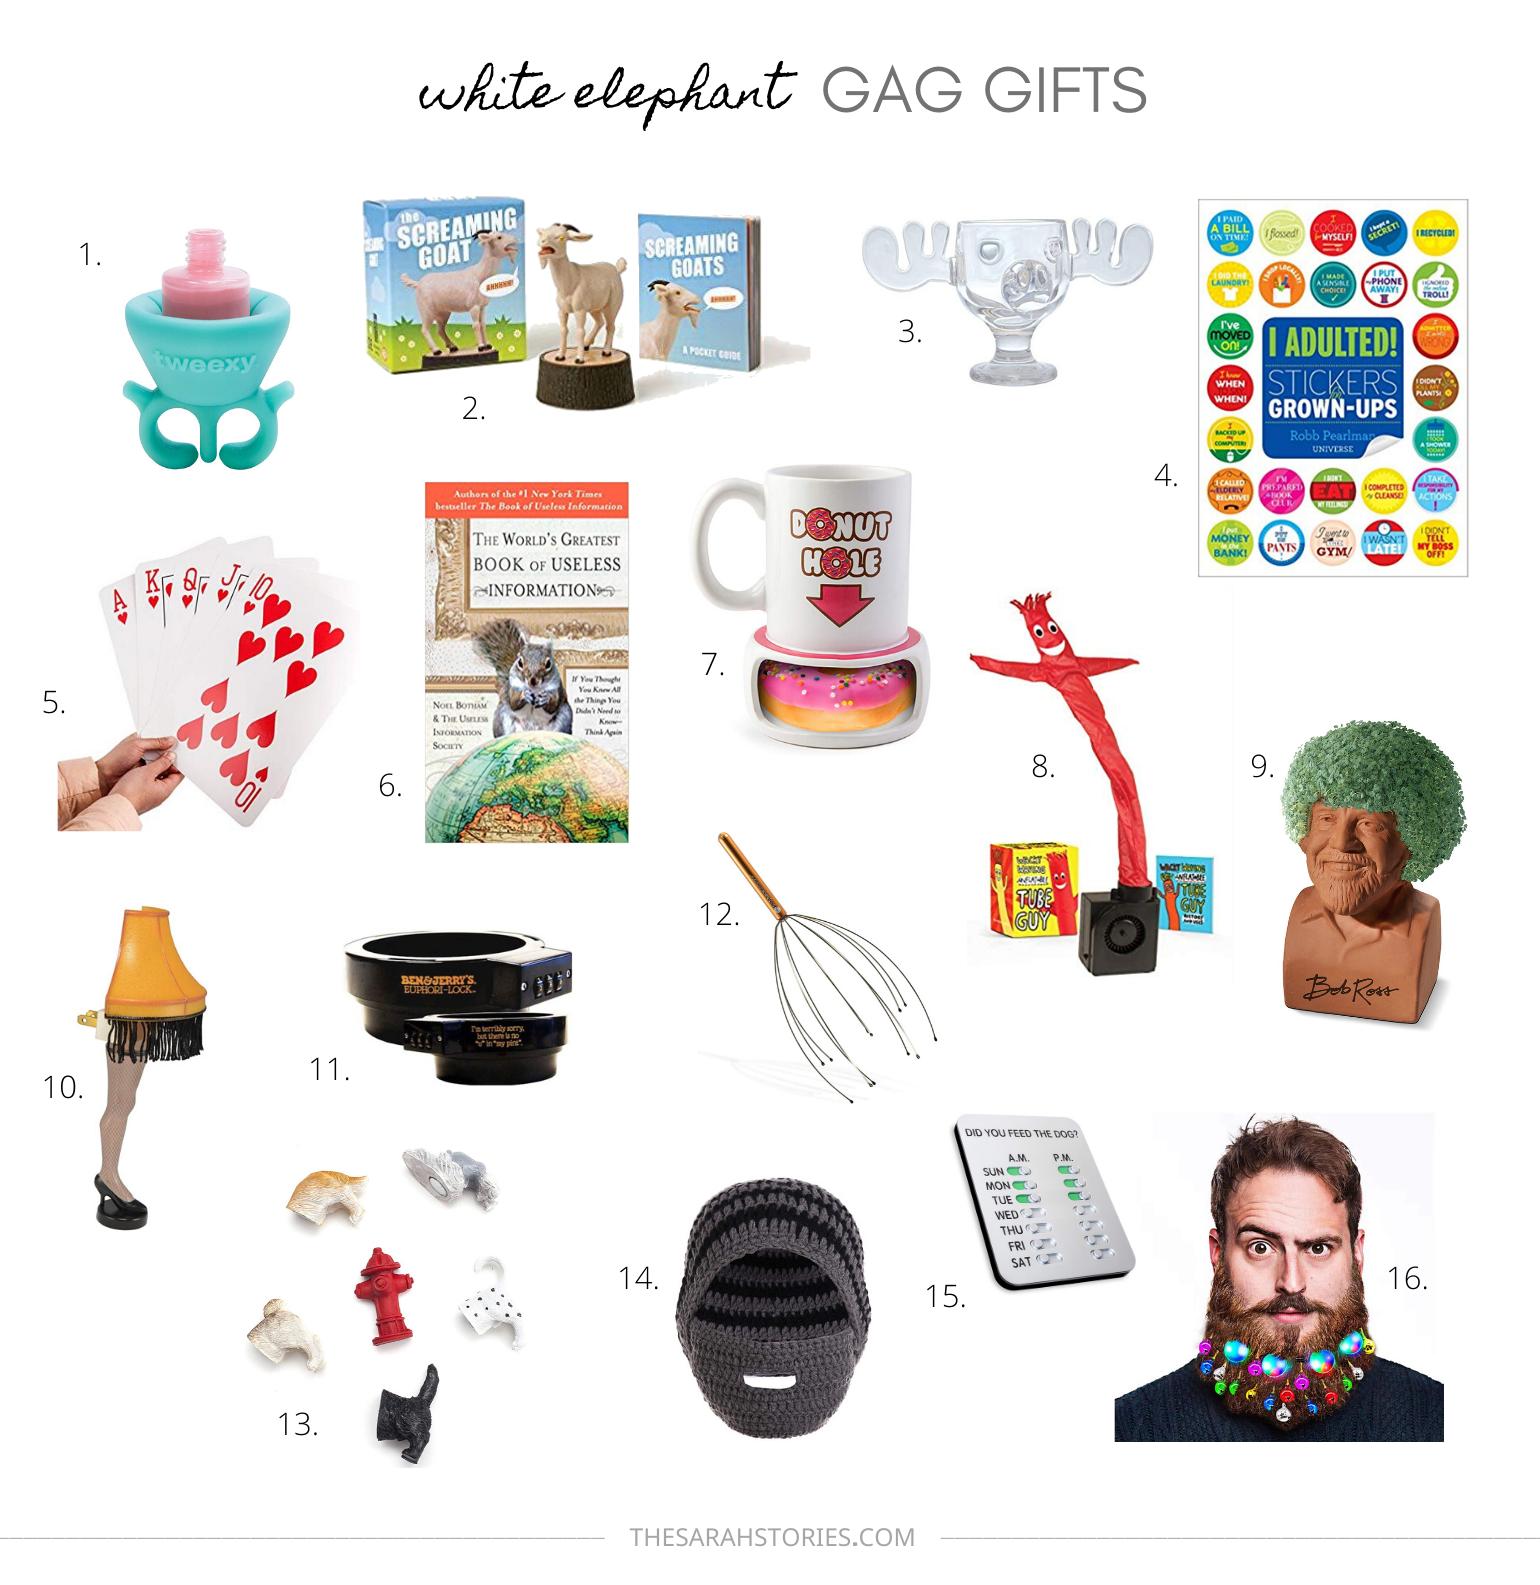 White elephant Holiday gag gift ideas